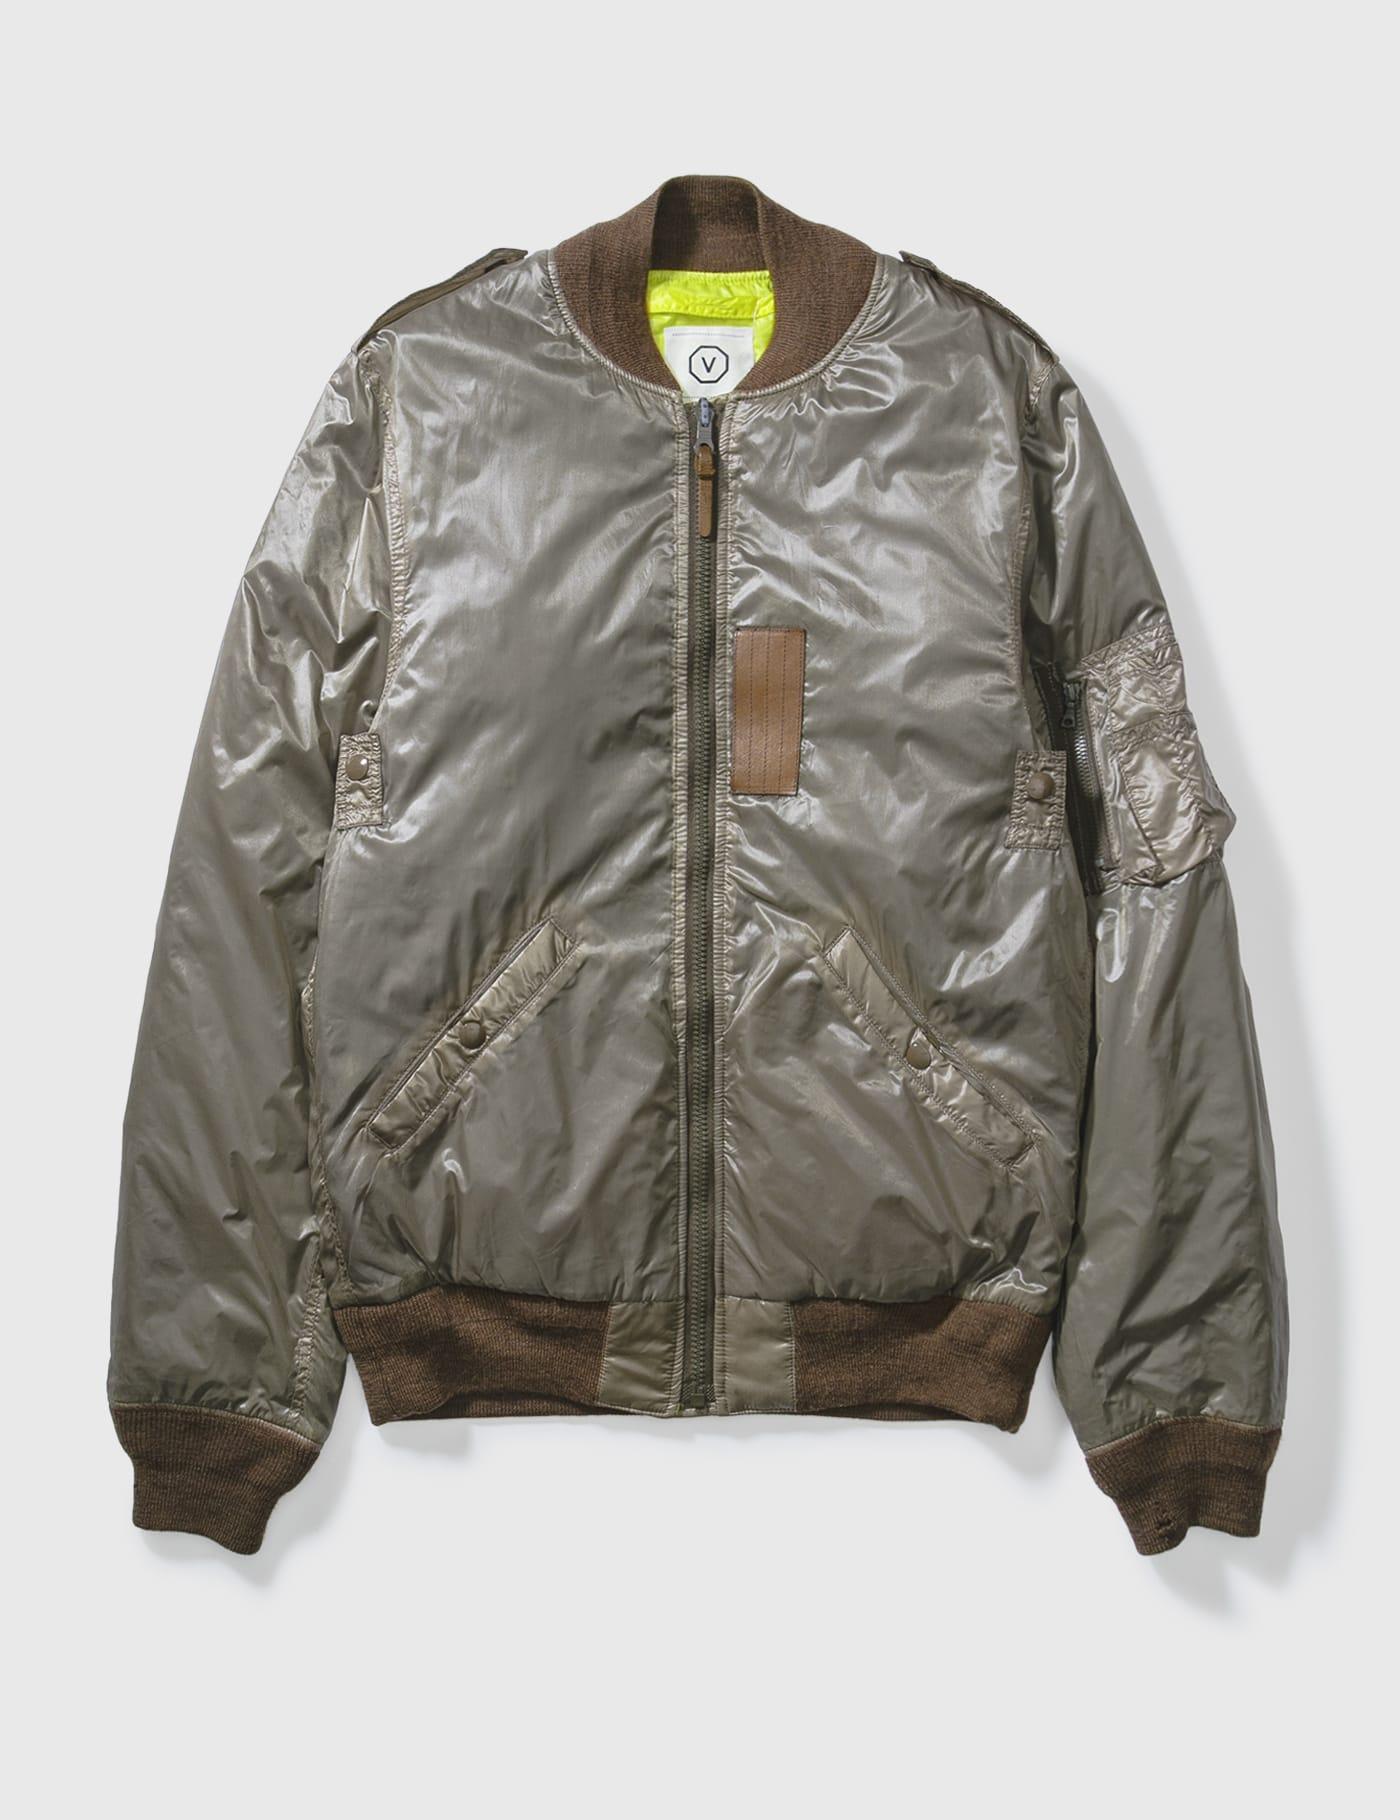 Visvim Bomber Reversible Jacket